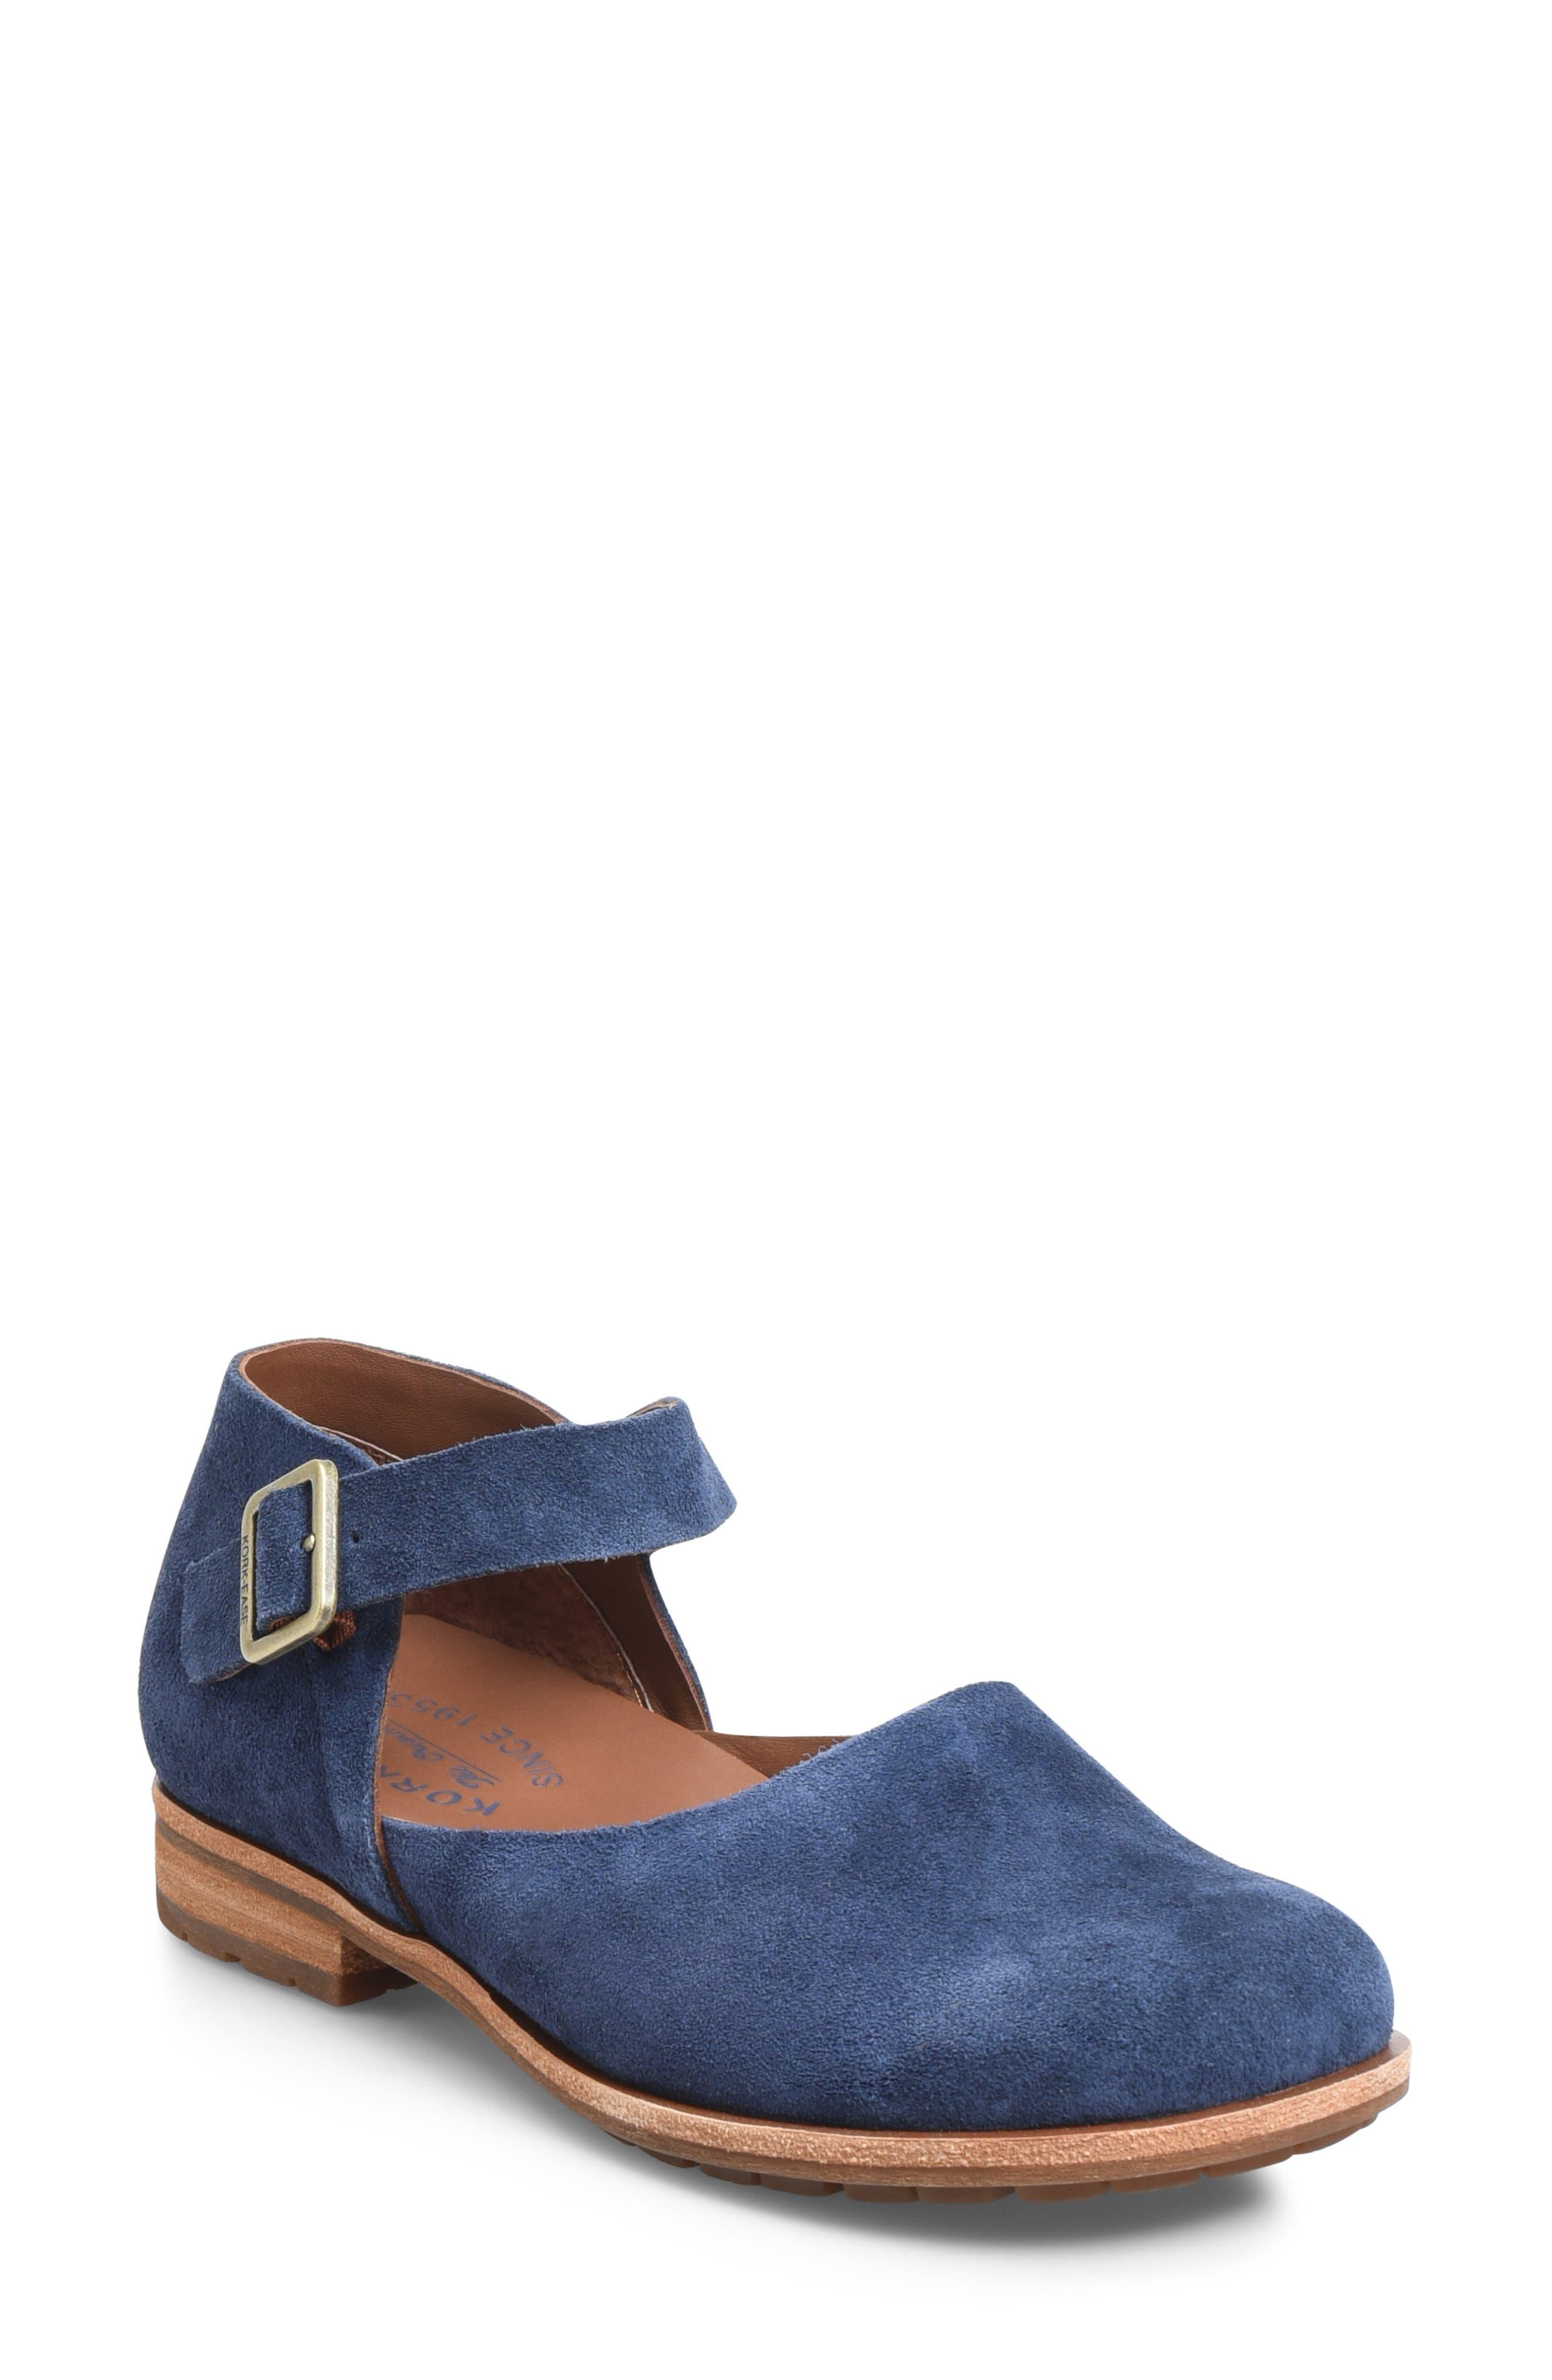 Kork-Ease Bellota Mary Jane Flat, Blue